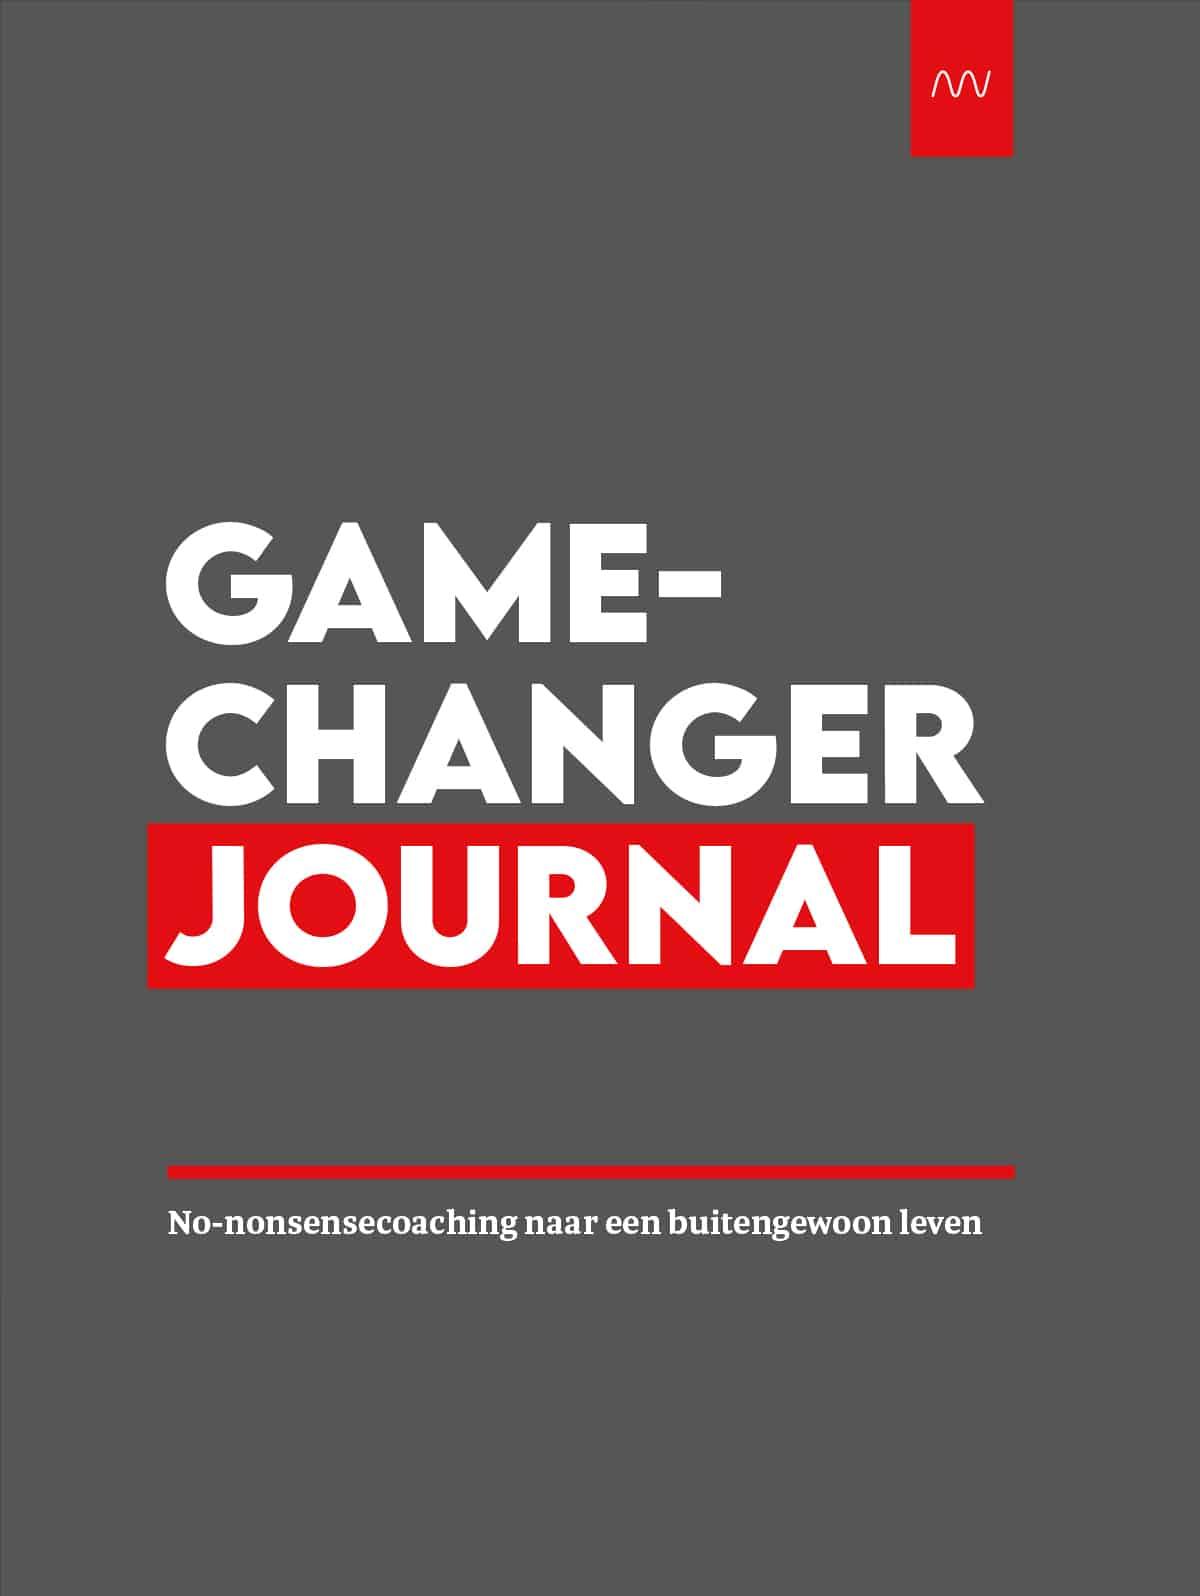 Zo word je een gamechanger journal